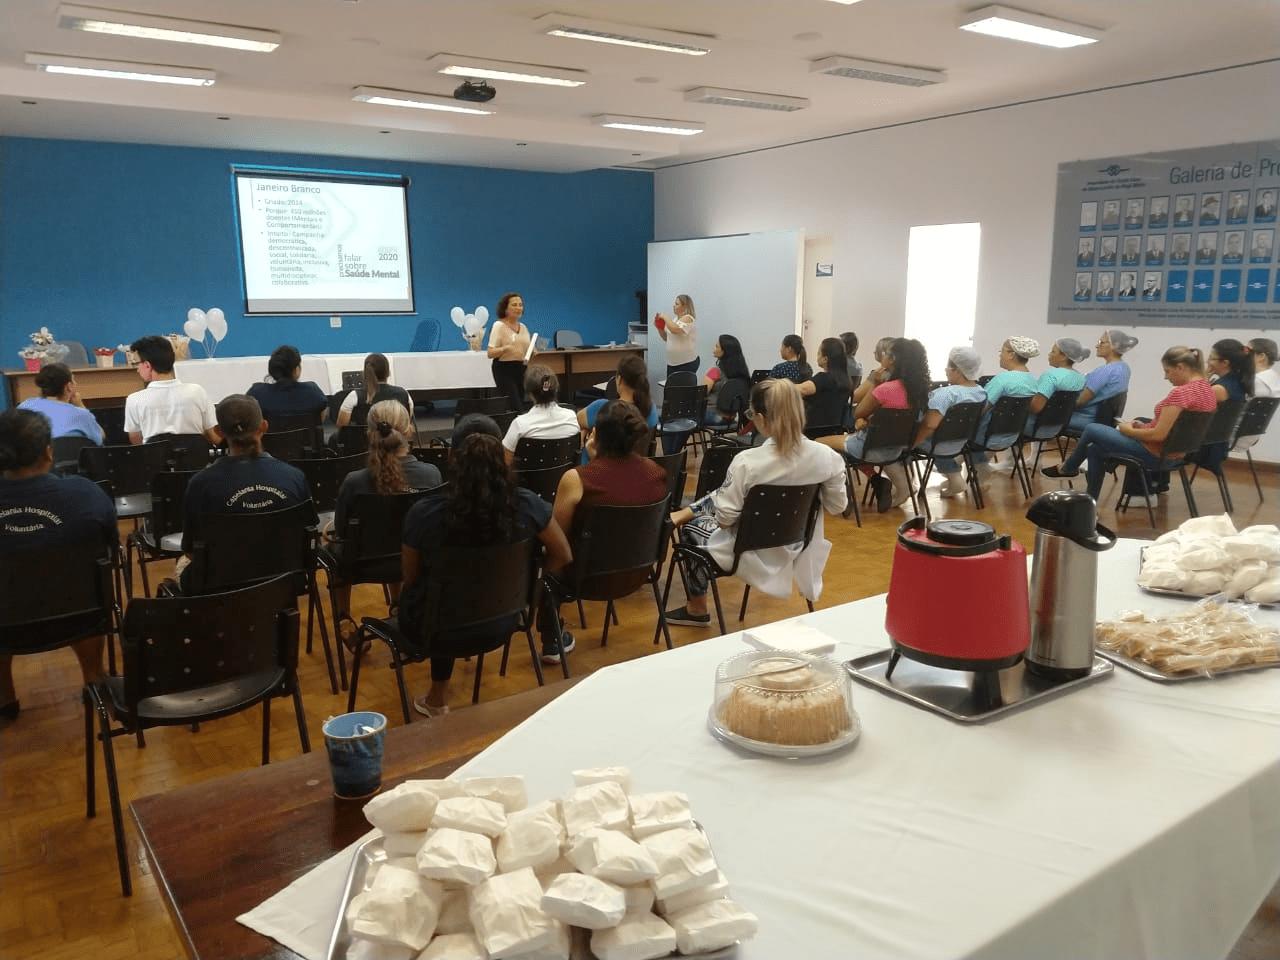 Curso de Psicologia da Faculdade Santa Lúcia participa com palestra da Campanha Janeiro Branco promovida pela Santa Casa de Mogi Mirim